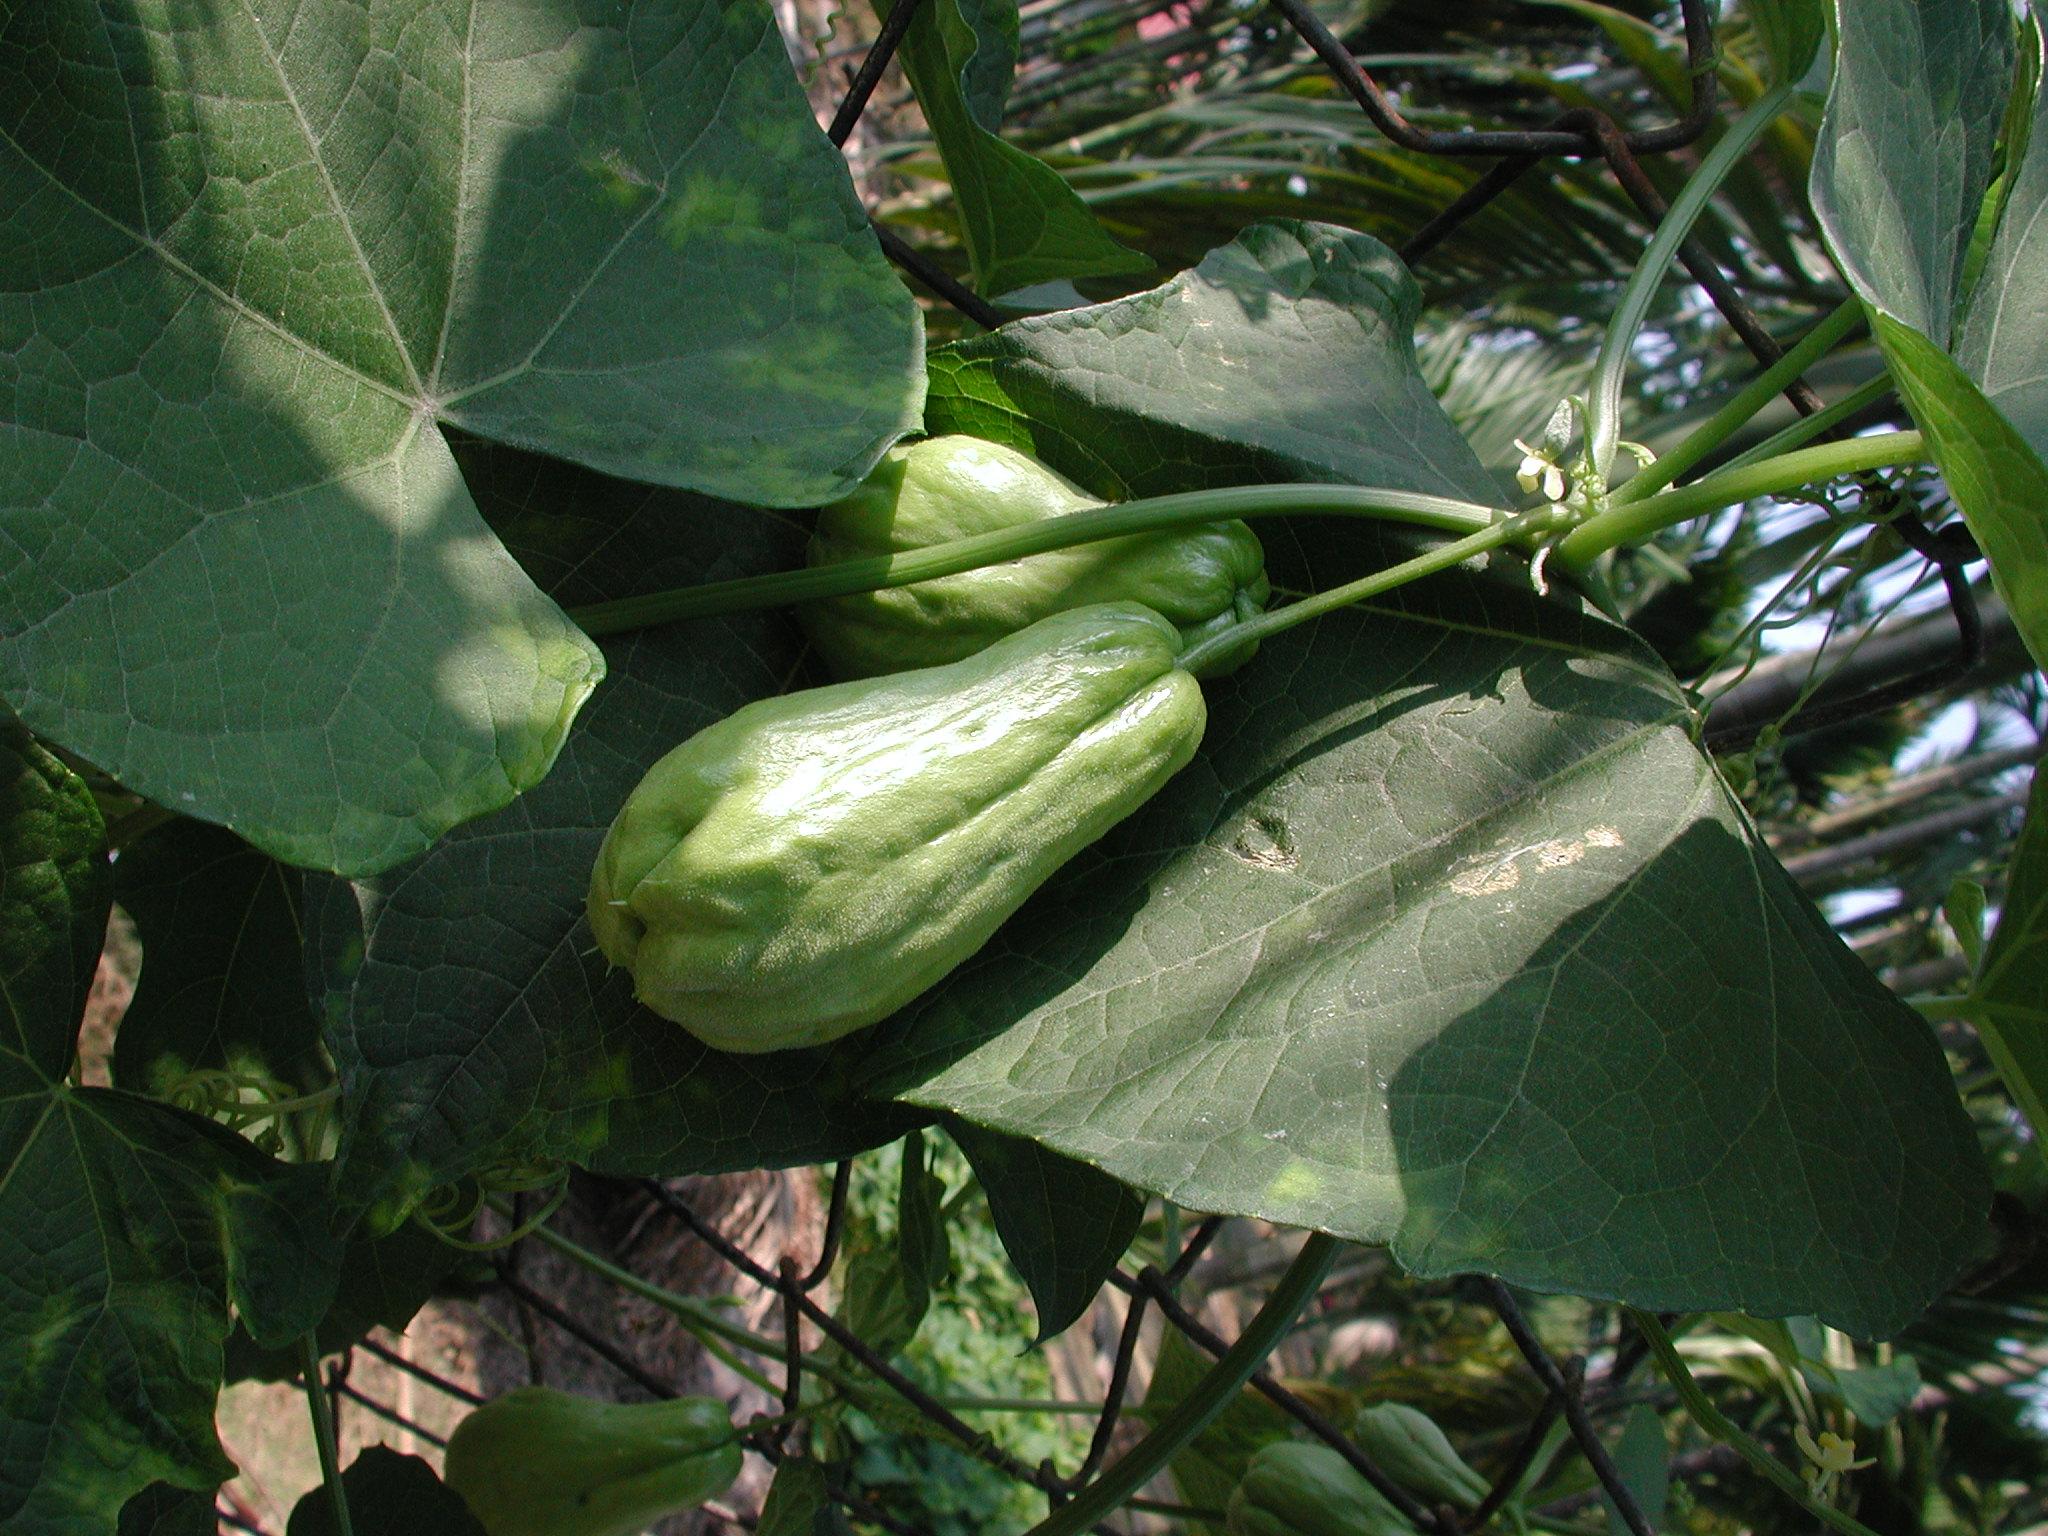 賞雌雄花–100年菜市場植物學(佛手瓜與龍鬚菜) | 黑胡桃網路閣